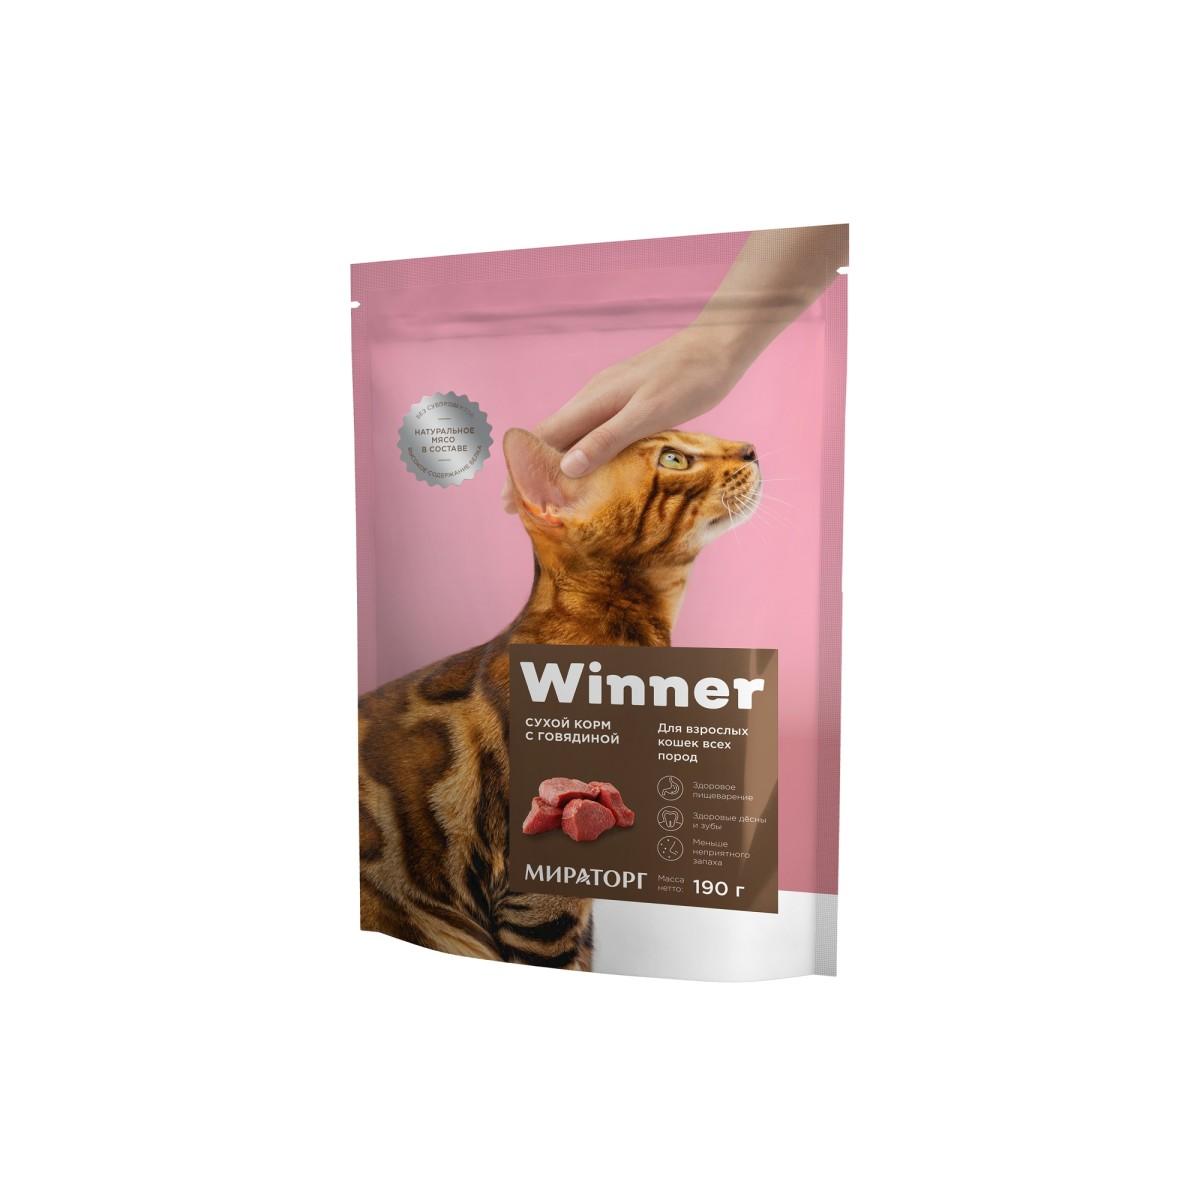 Сухой корм для взрослых кошек всех пород WINNER полнорационный Говядина 190 г